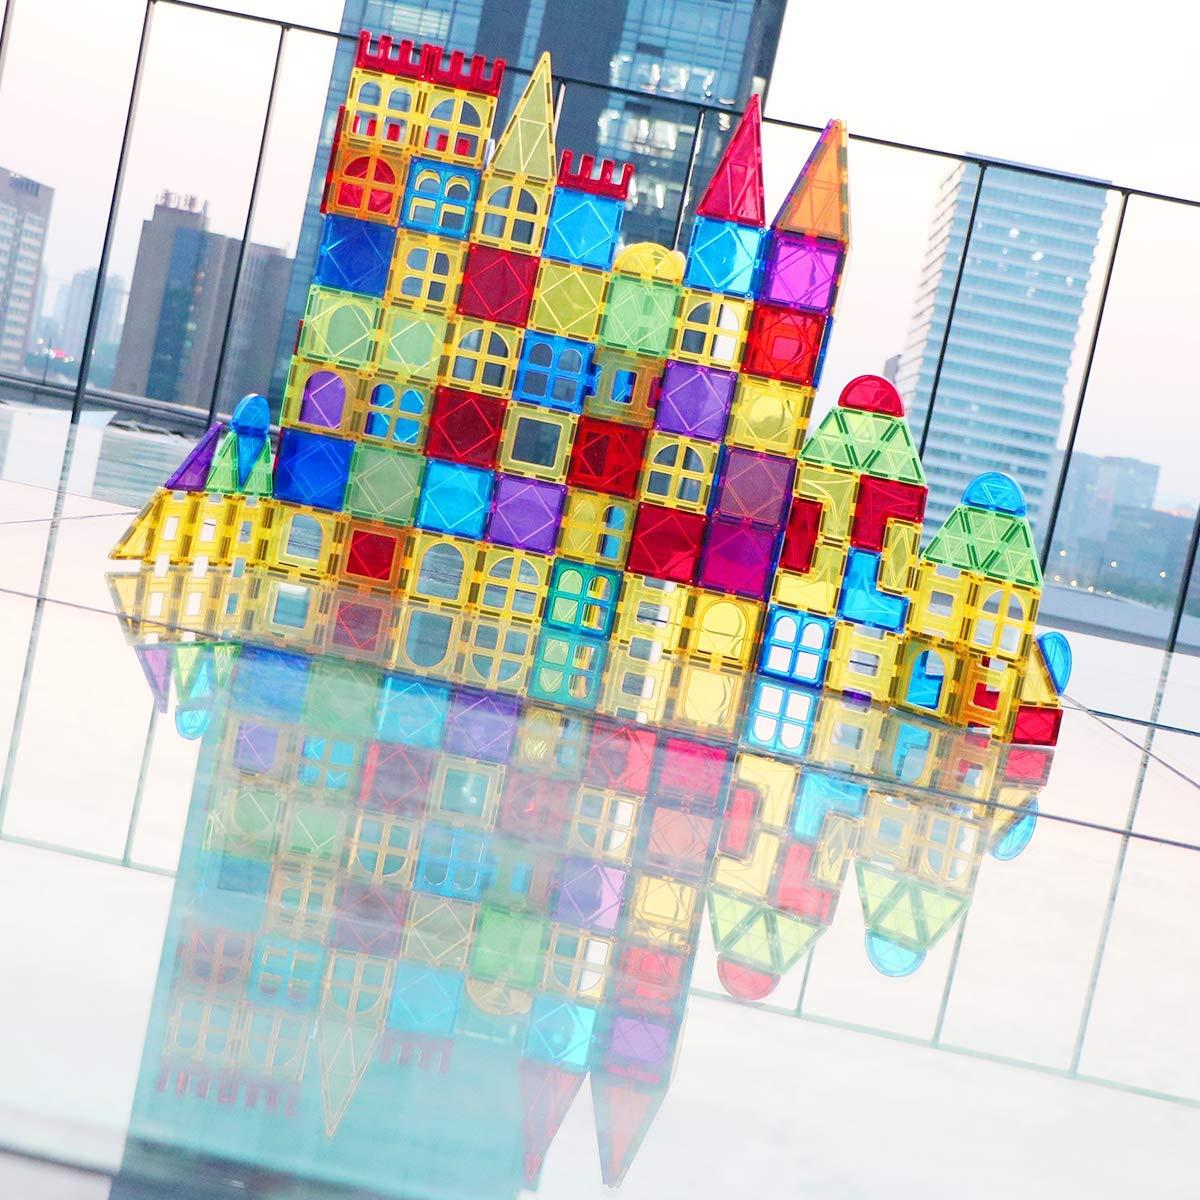 Magblock 115 PCS Magnetic Blocks, Magnetic Tiles Building Blocks for Kids Toy,Magnet Toys Set 3D Building Blocks for Toddler Boys and Girls by Magblock (Image #3)